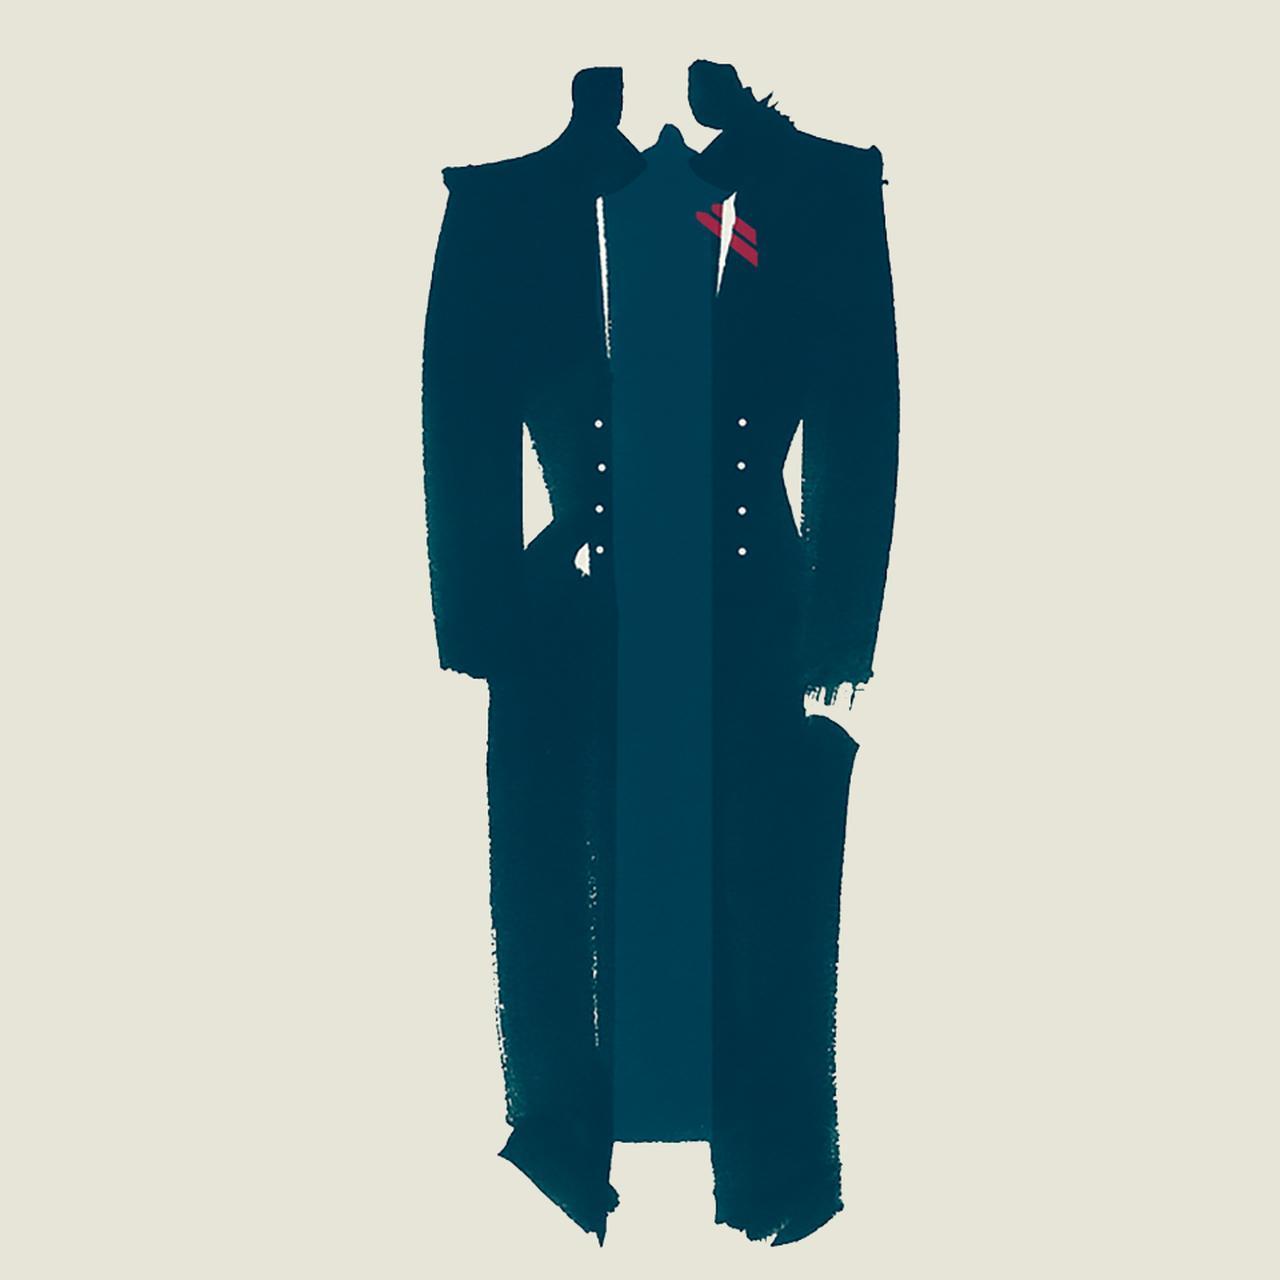 Images : 3番目の画像 - 「連載 Vol.1 コレクションは持ち主を語る。 グレン・クローズの衣装」のアルバム - T JAPAN:The New York Times Style Magazine 公式サイト